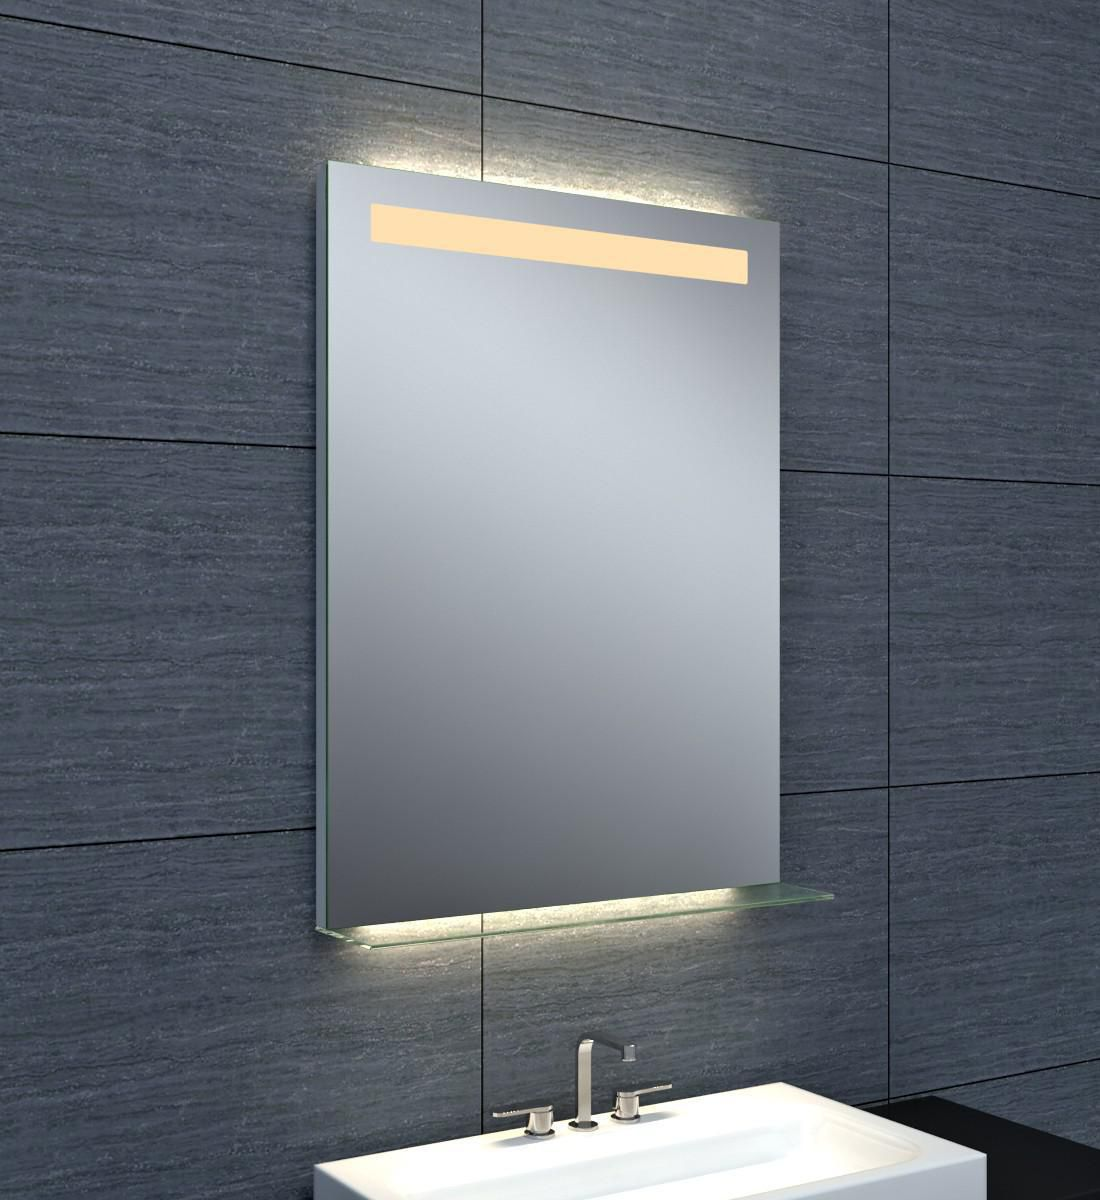 Alterna miroir dubai clairage led avec tablette en - Glace de salle de bain avec eclairage ...